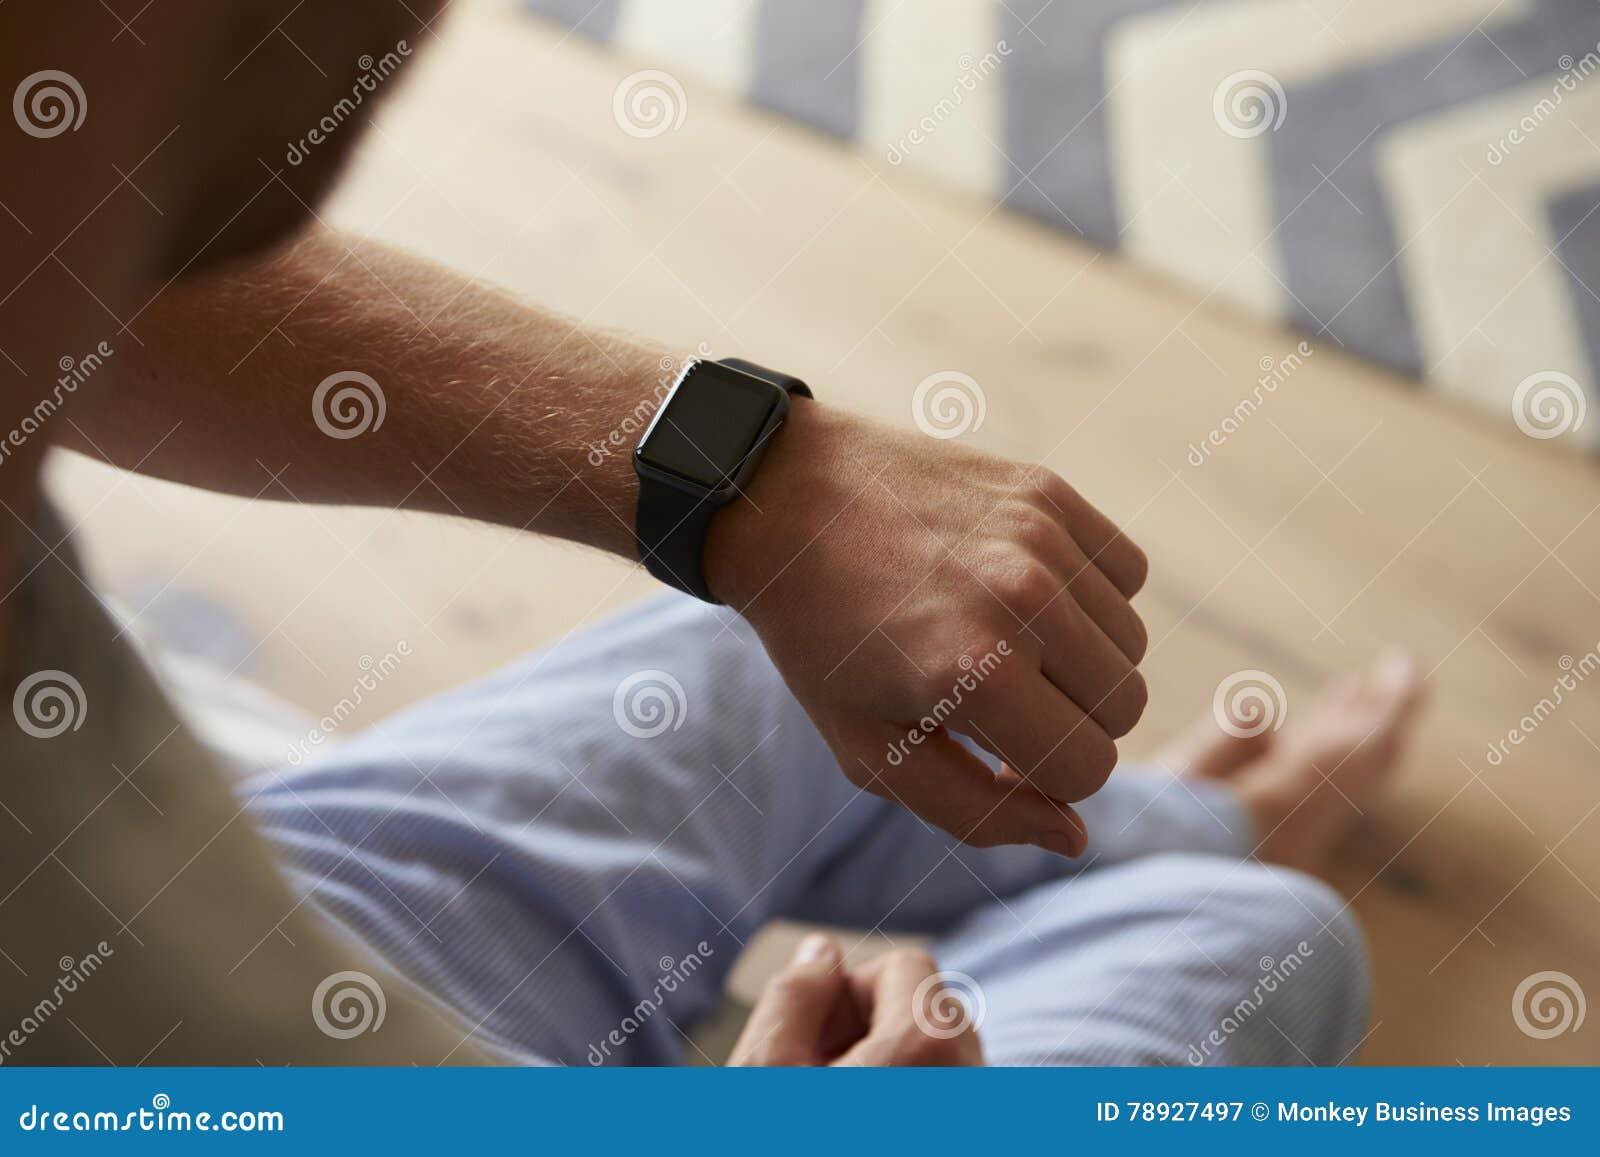 Mann Tragende Pyjamas Die Intelligente Uhr Im Schlafzimmer